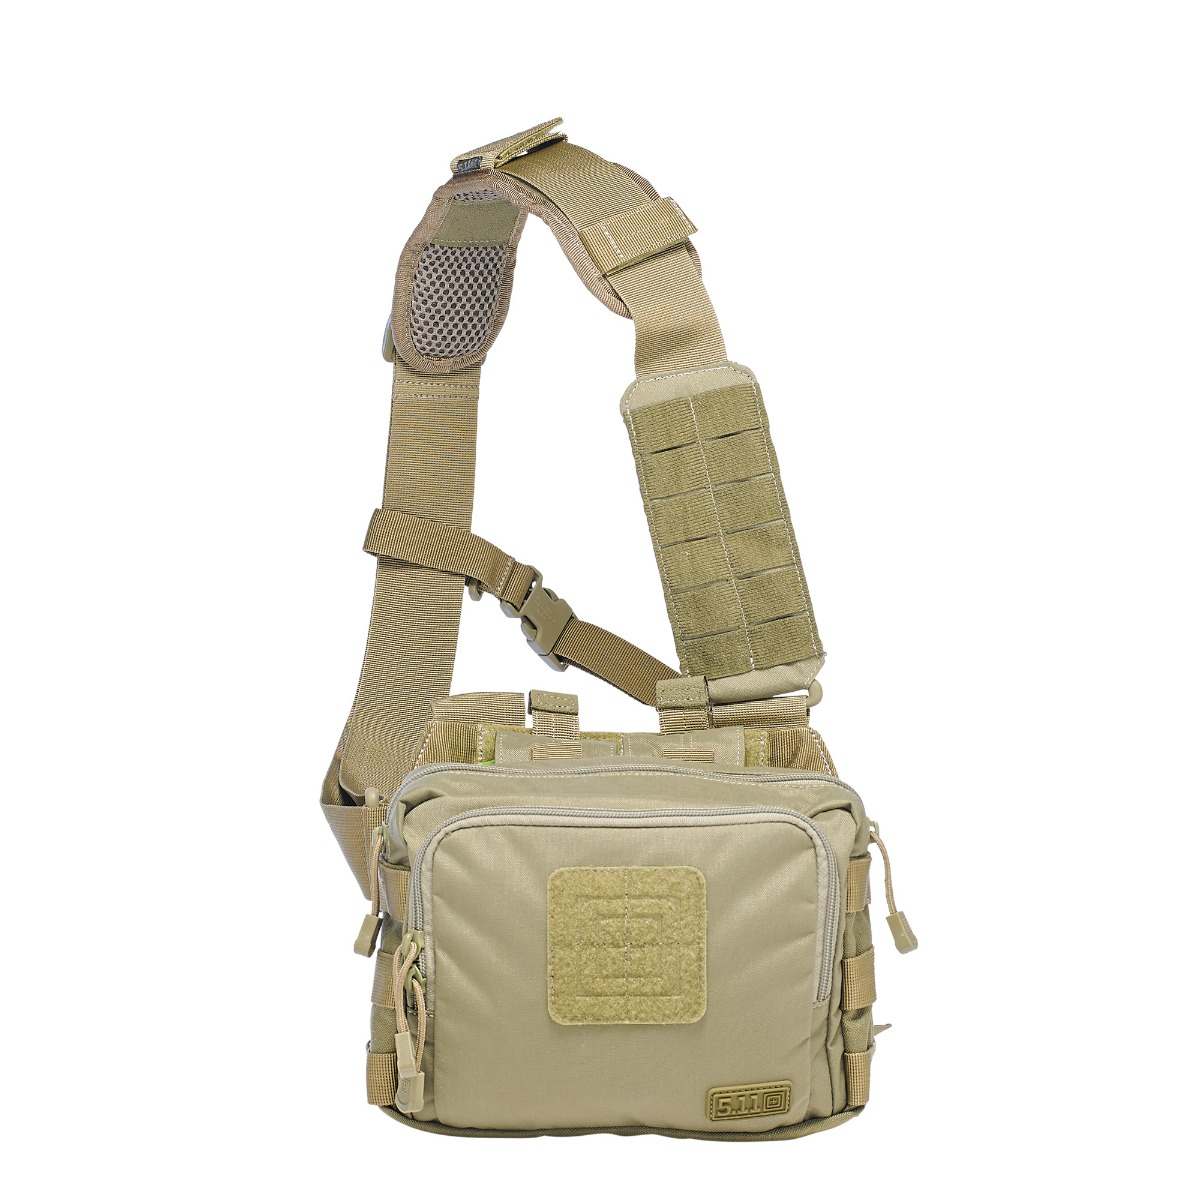 5.11 Tactical 2-Banger Bag (Khaki/Tan), (CCW Concealed Carry) thumbnail